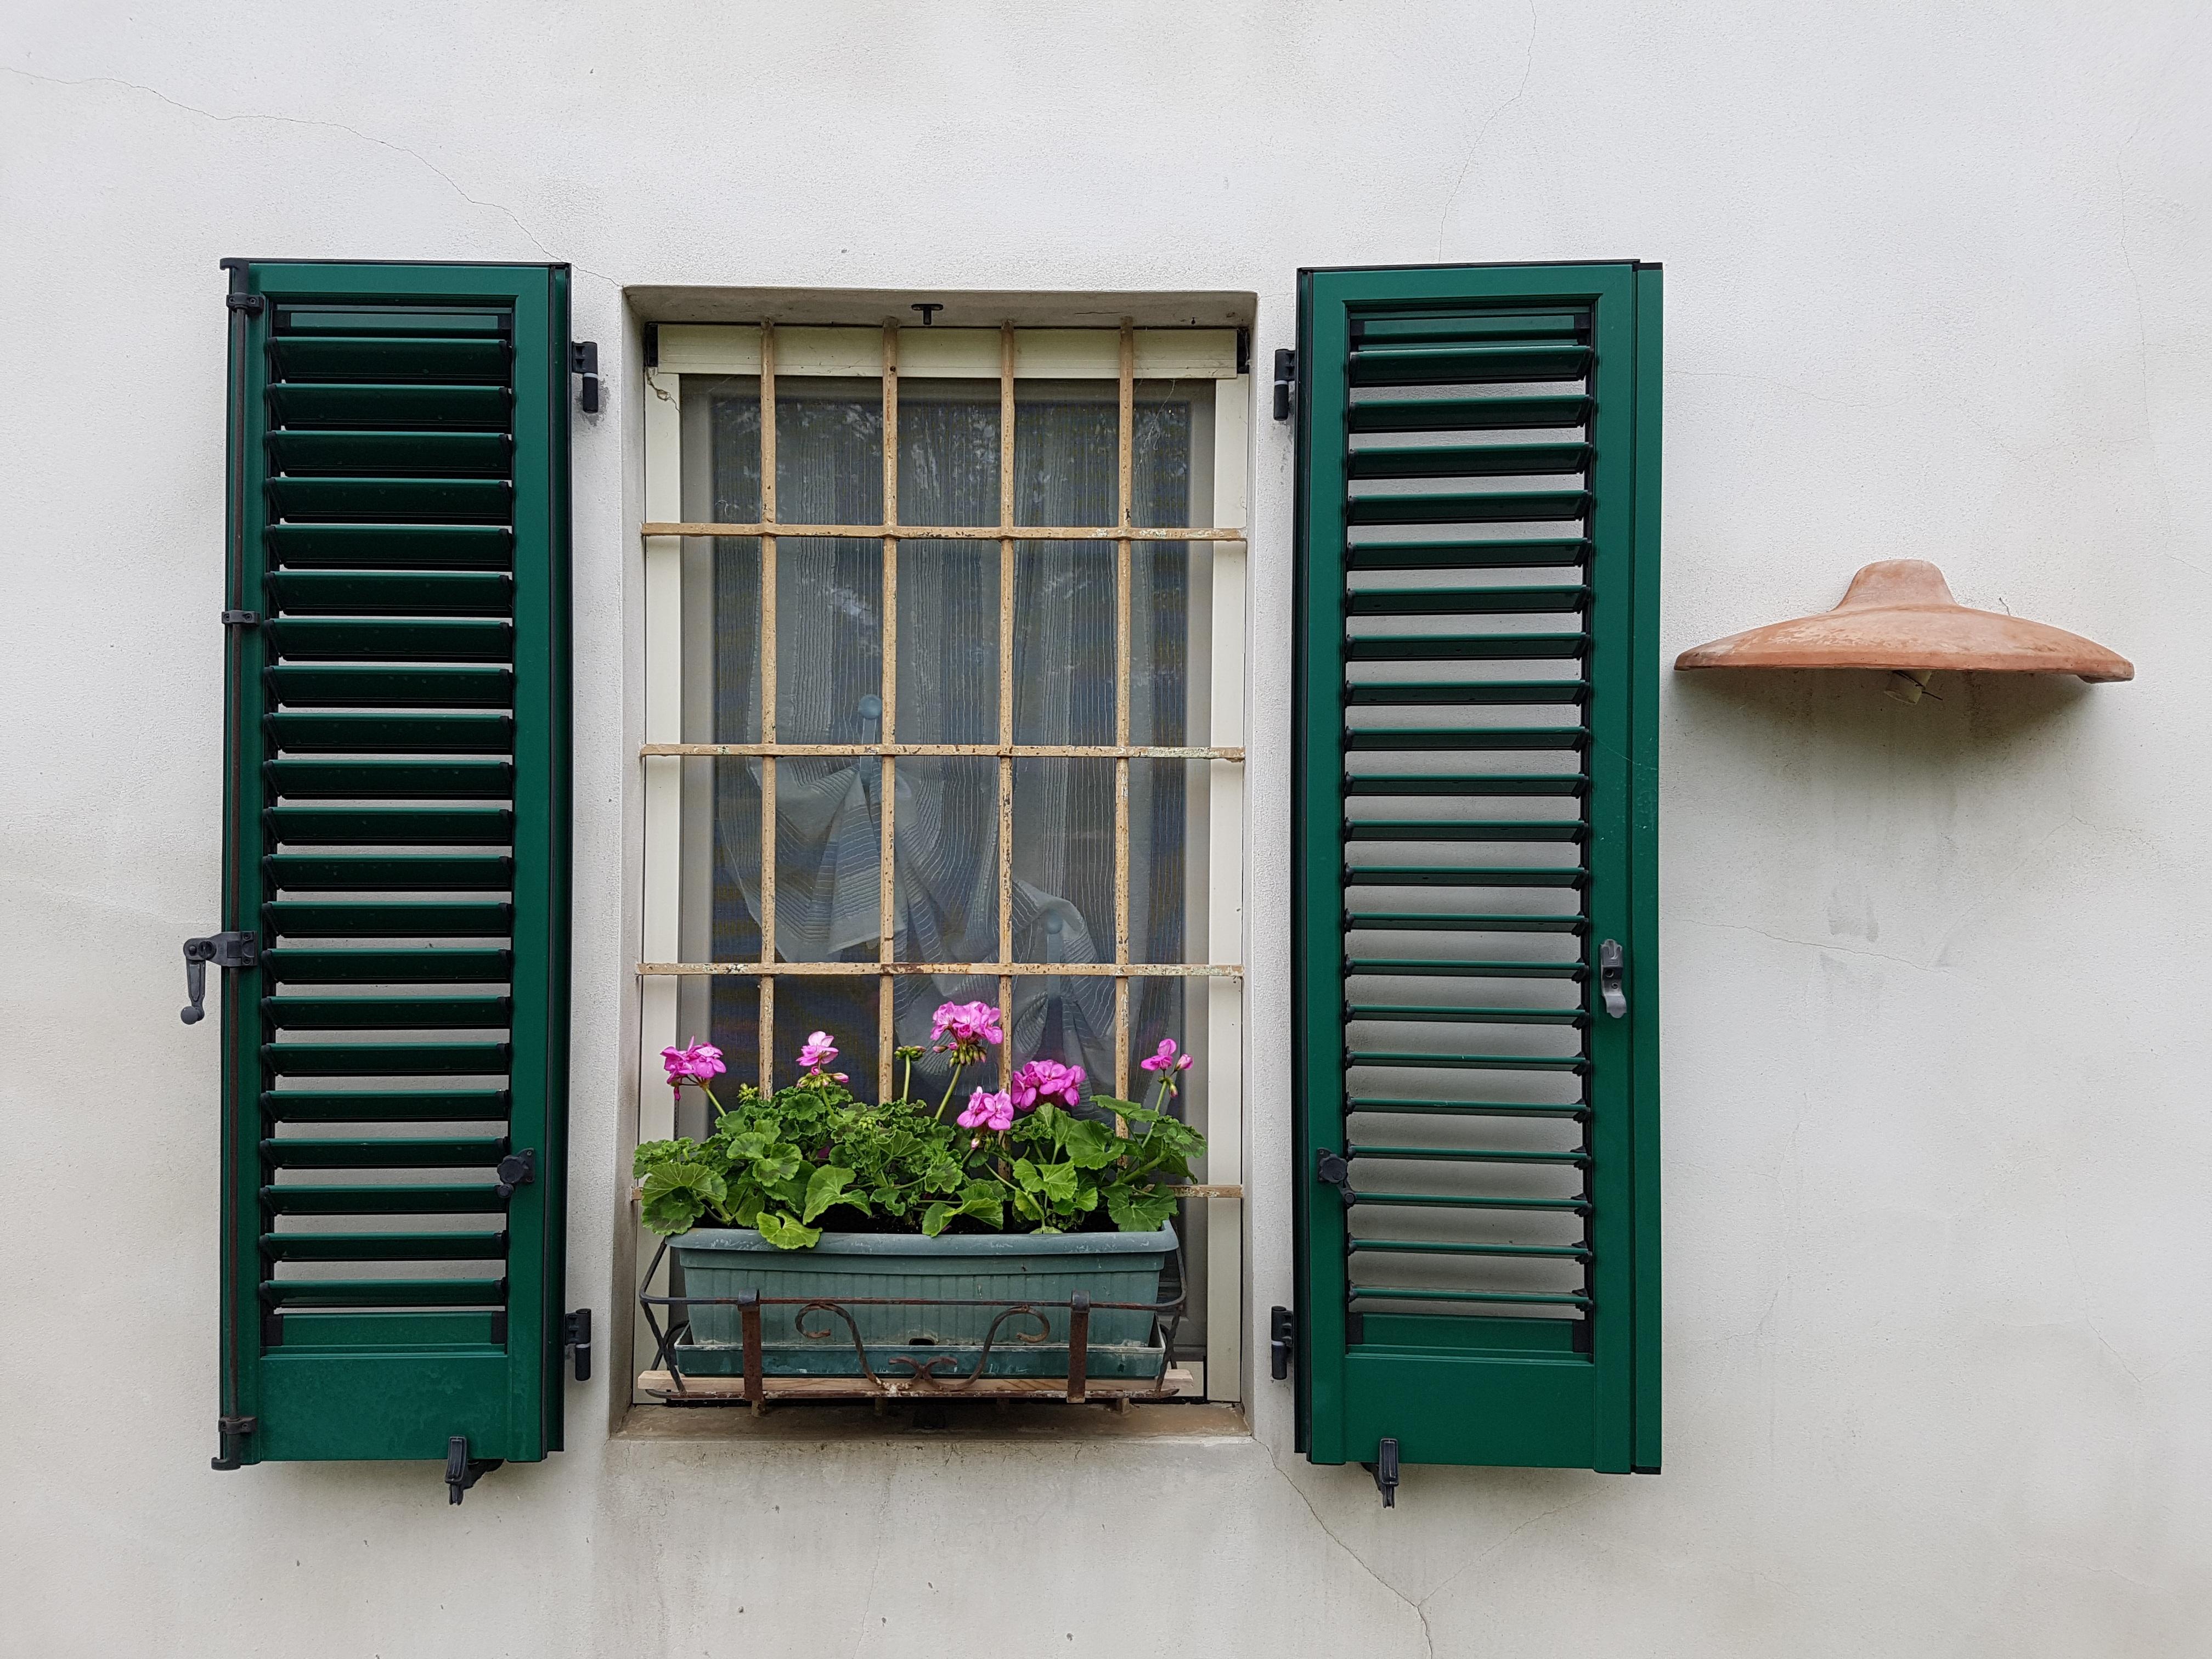 Images gratuites bois maison fleur mur balustrade for Fenetre jalousie en bois